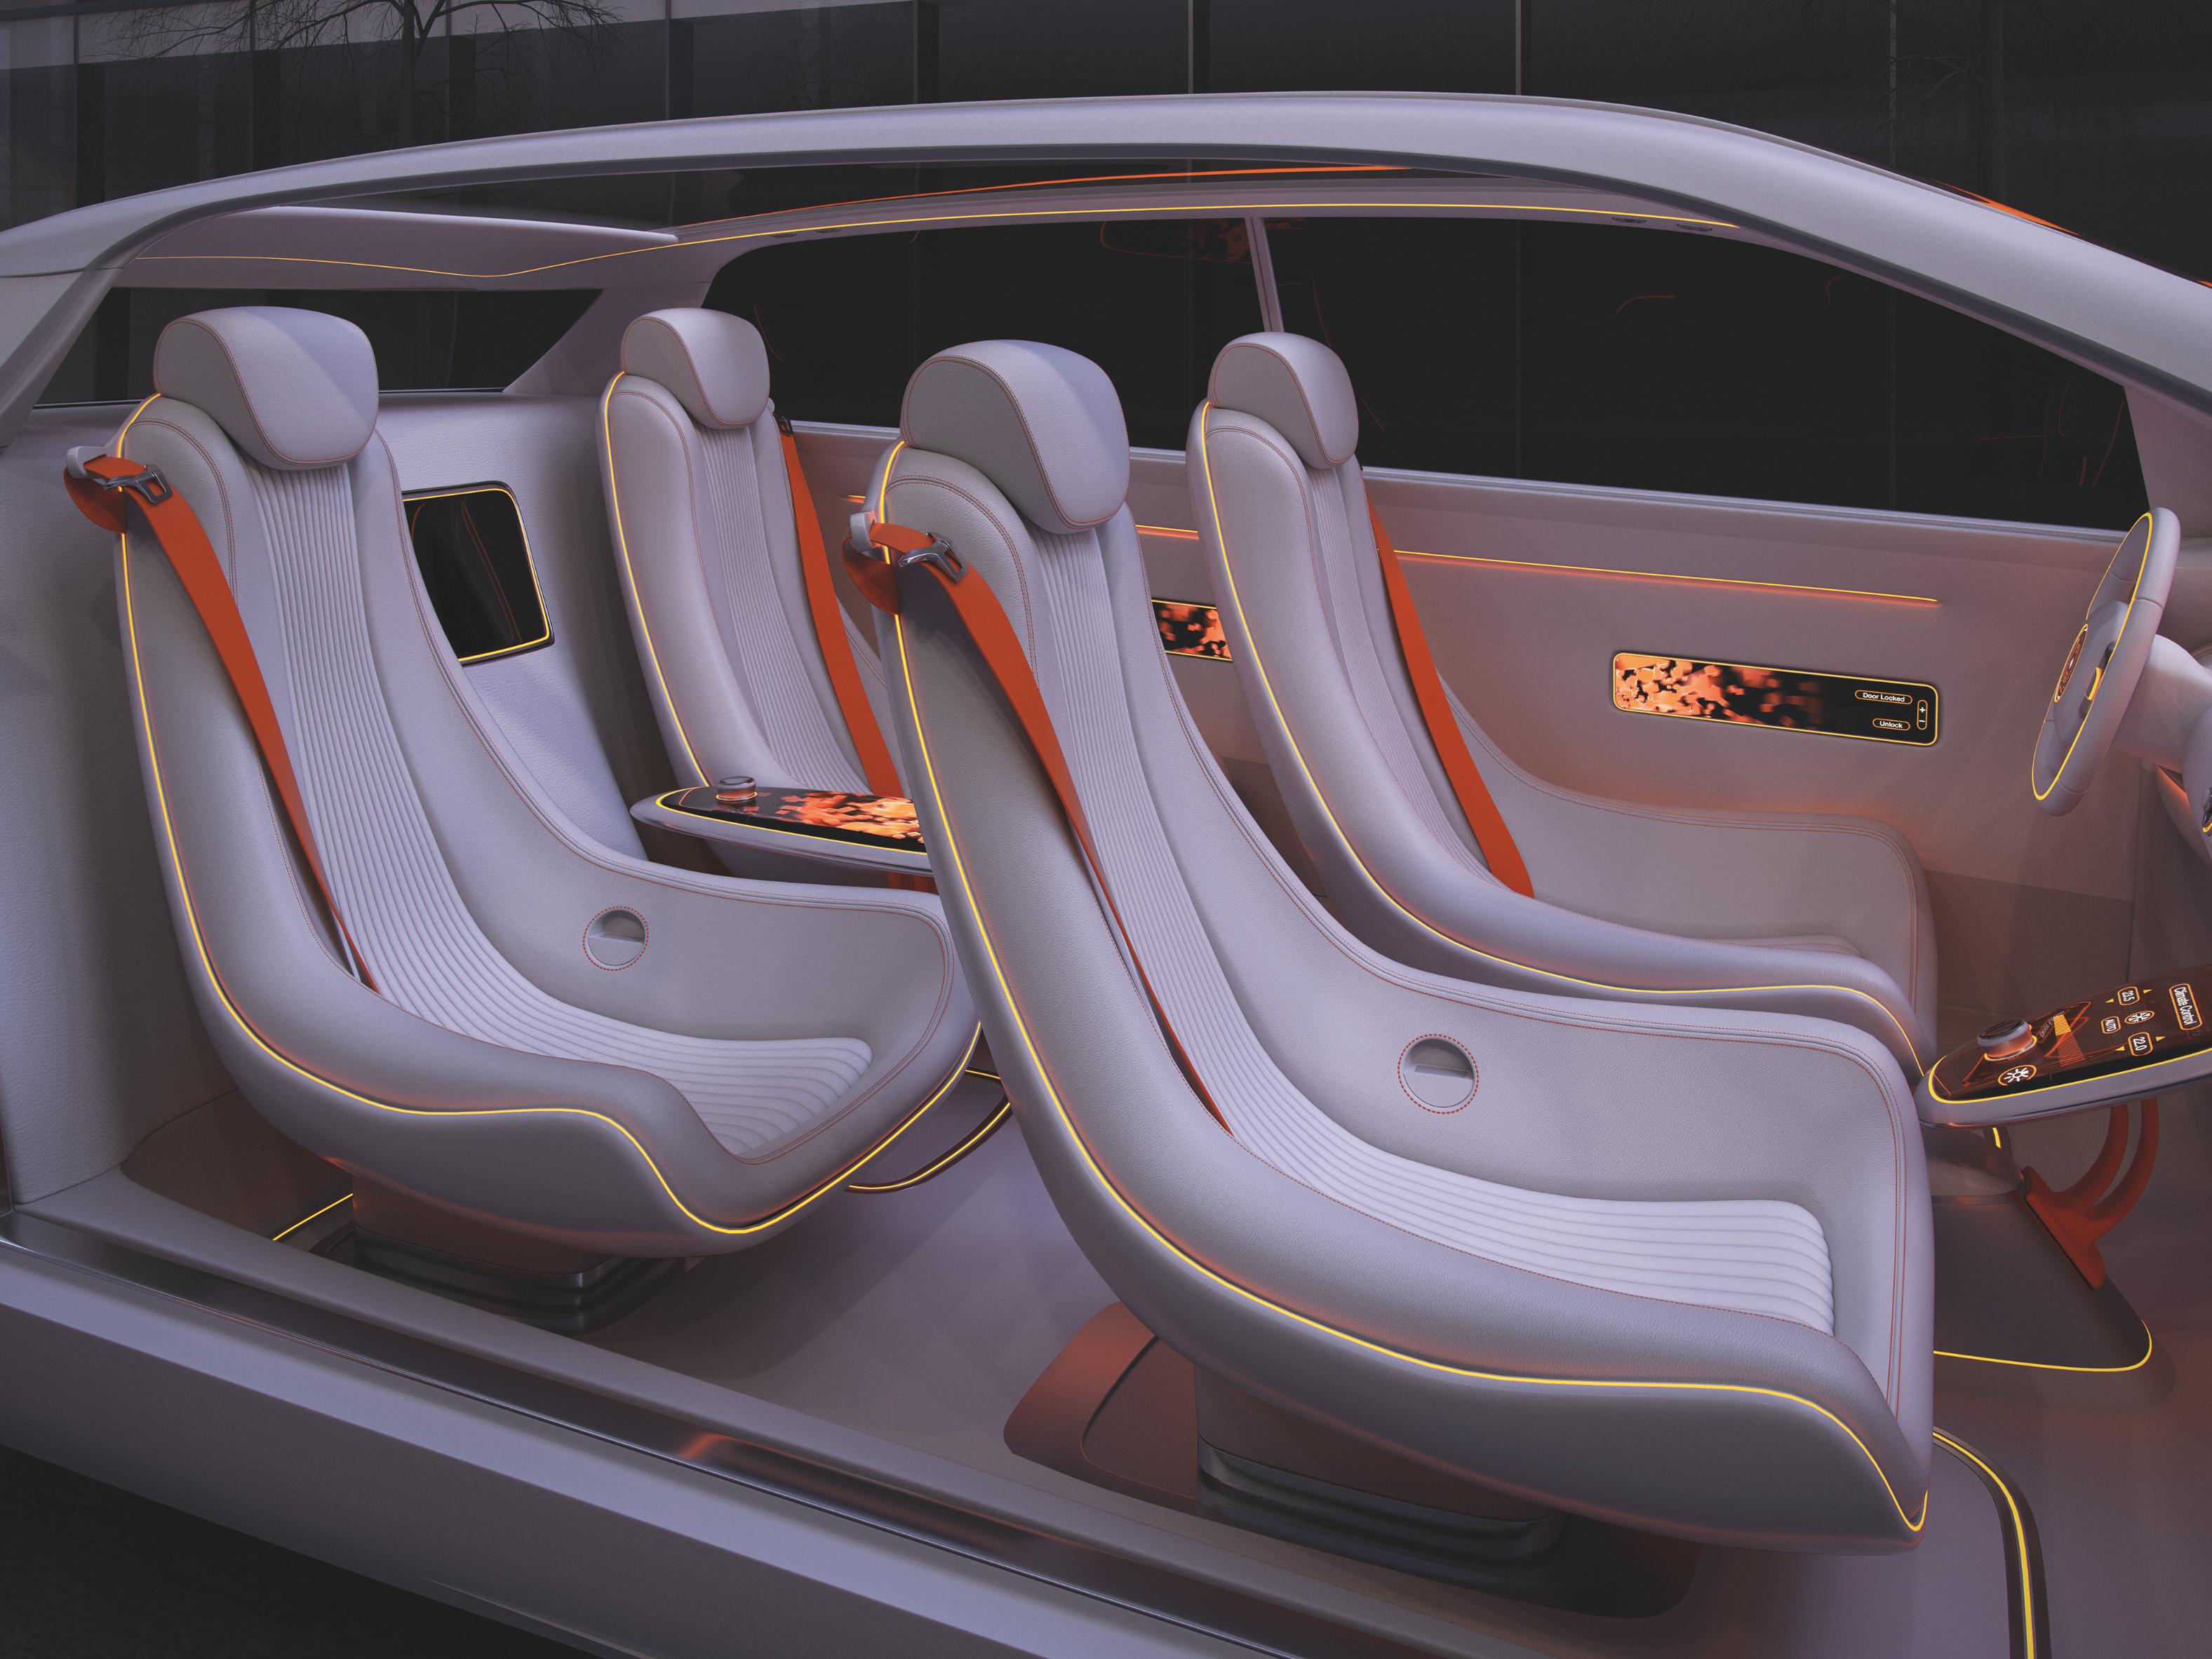 Fahrzeug-Innenbeleuchtung